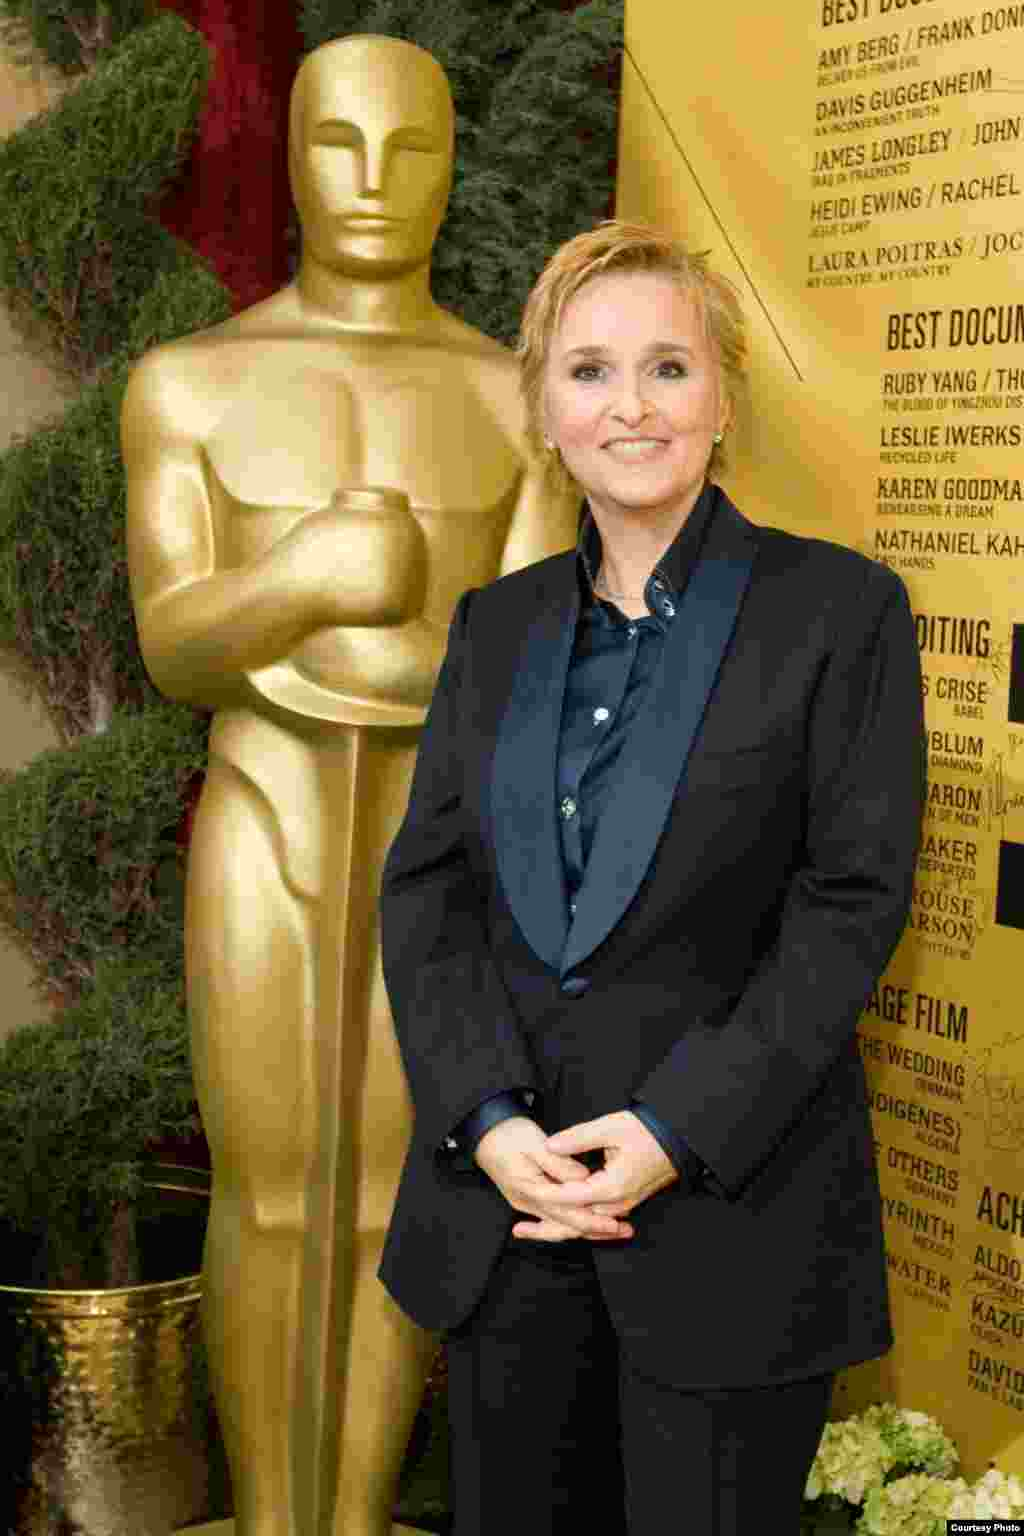 بهترین آهنگ را فیلم حقیقت تلخ به خوانندگی مليسا اتريج دریافت کرد.